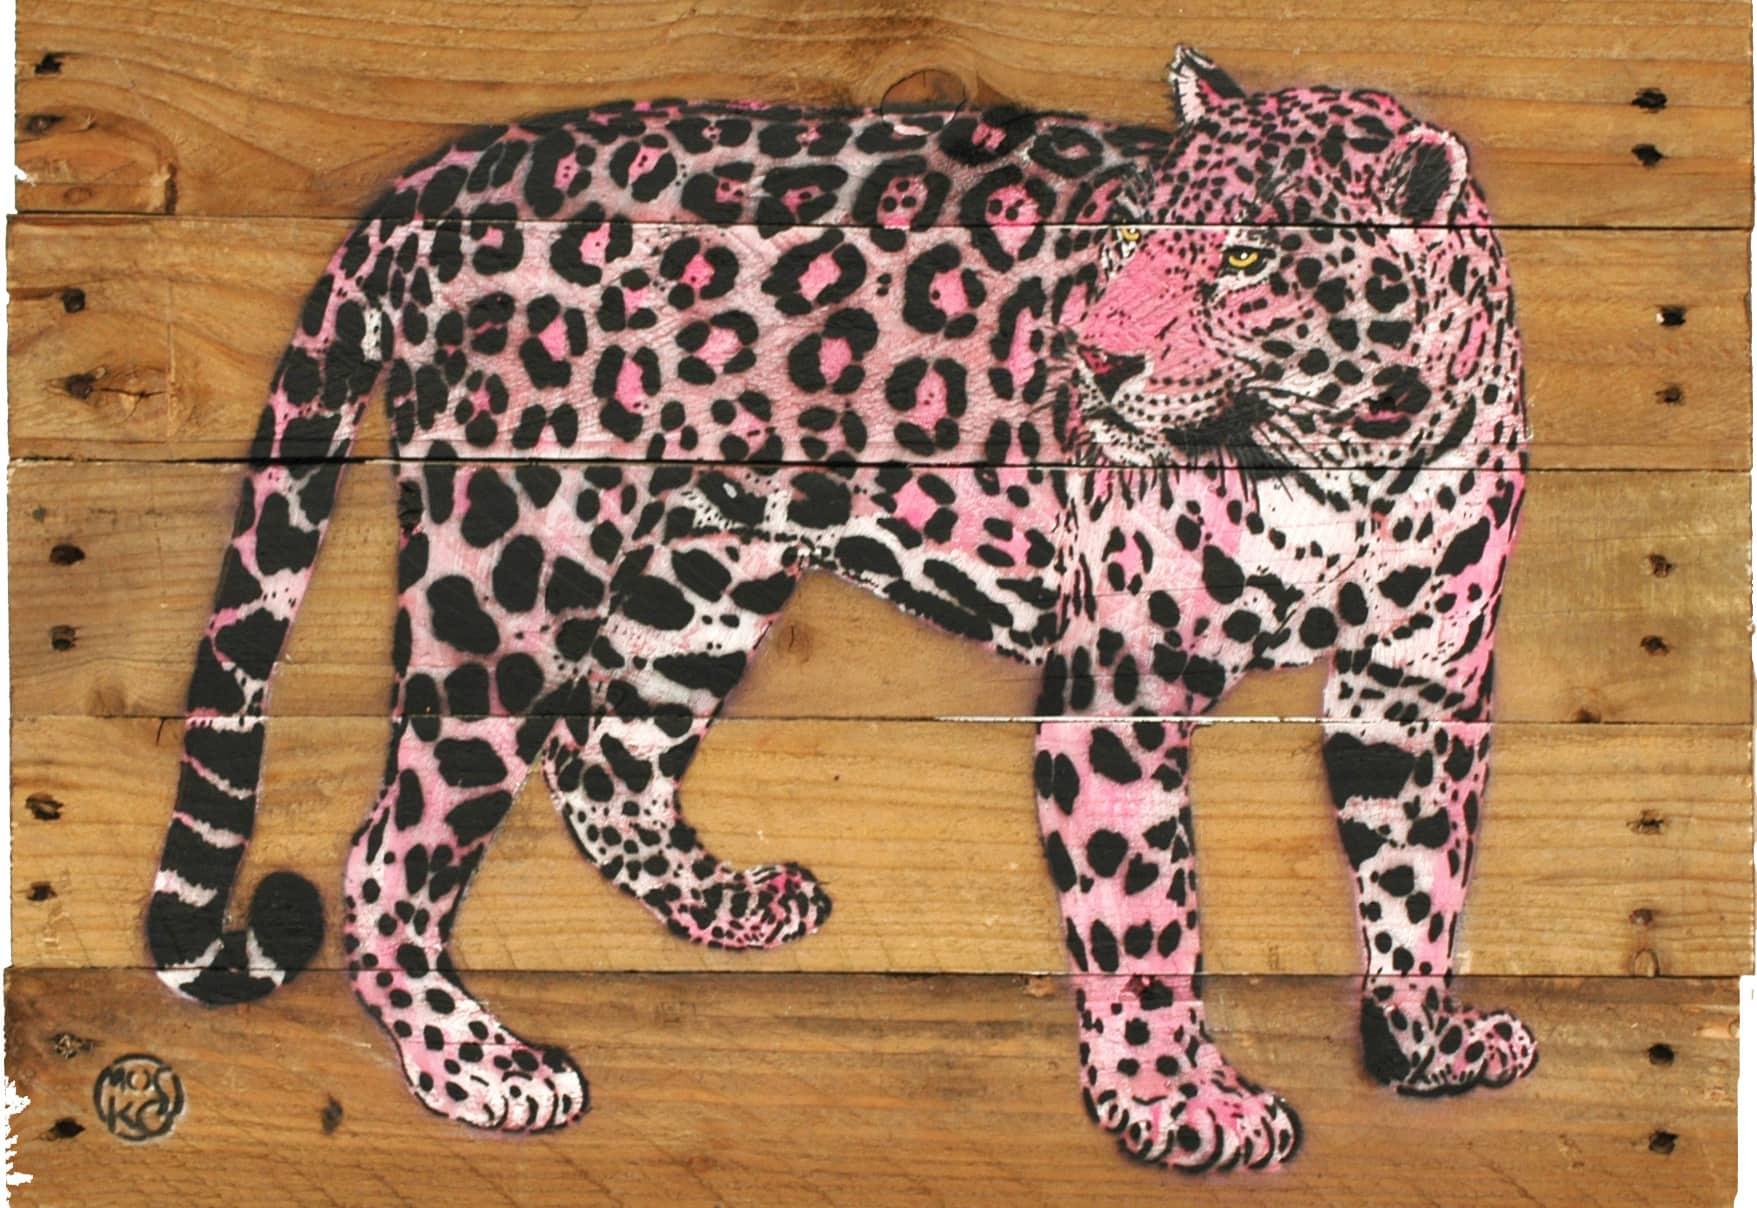 Galerie Art Jingle MOSKO Jaguar Profil Rose 35 x 50 cm 2021